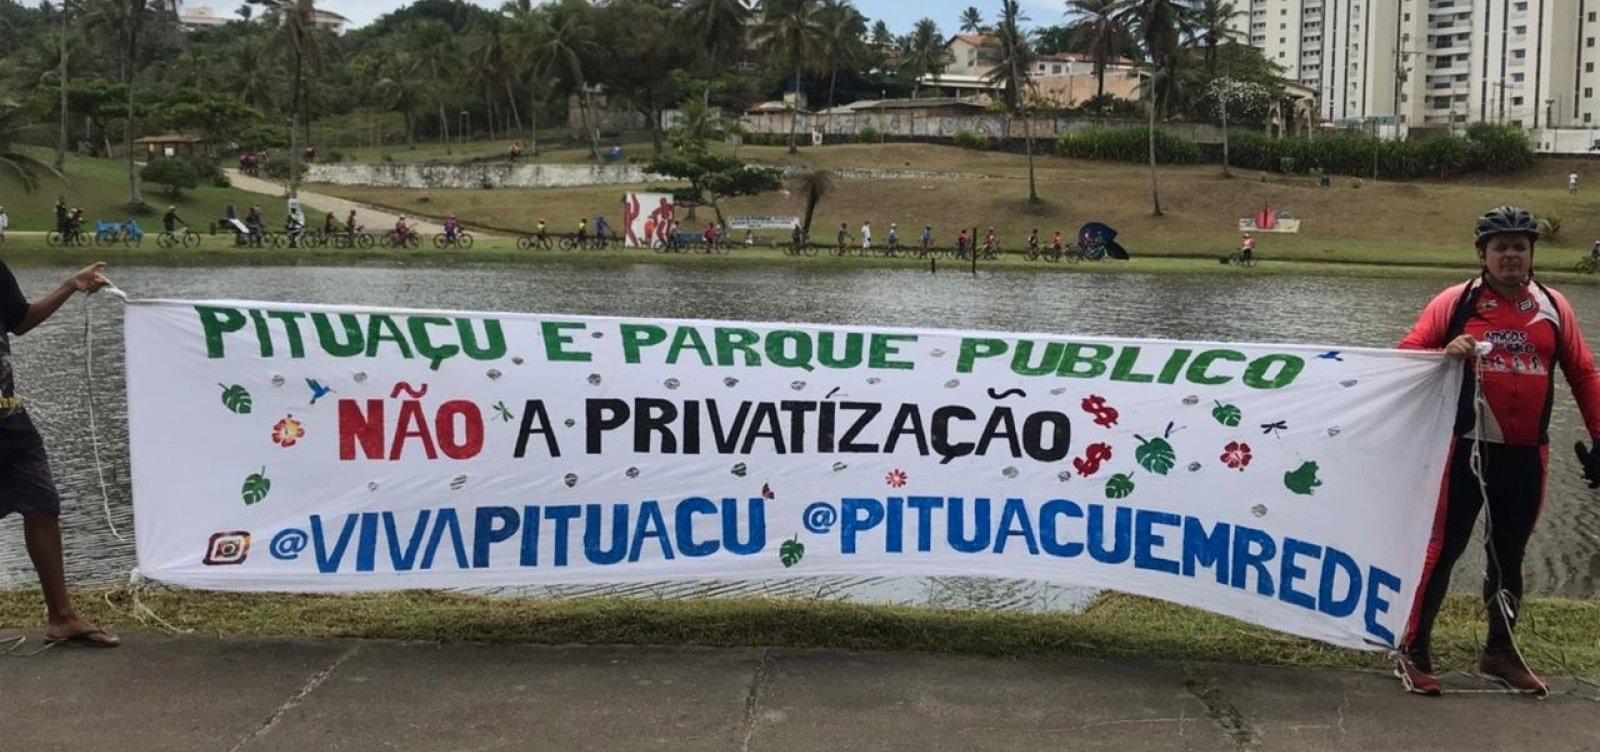 Manifestantes criticam privatização do Parque Metropolitano de Pituaçu